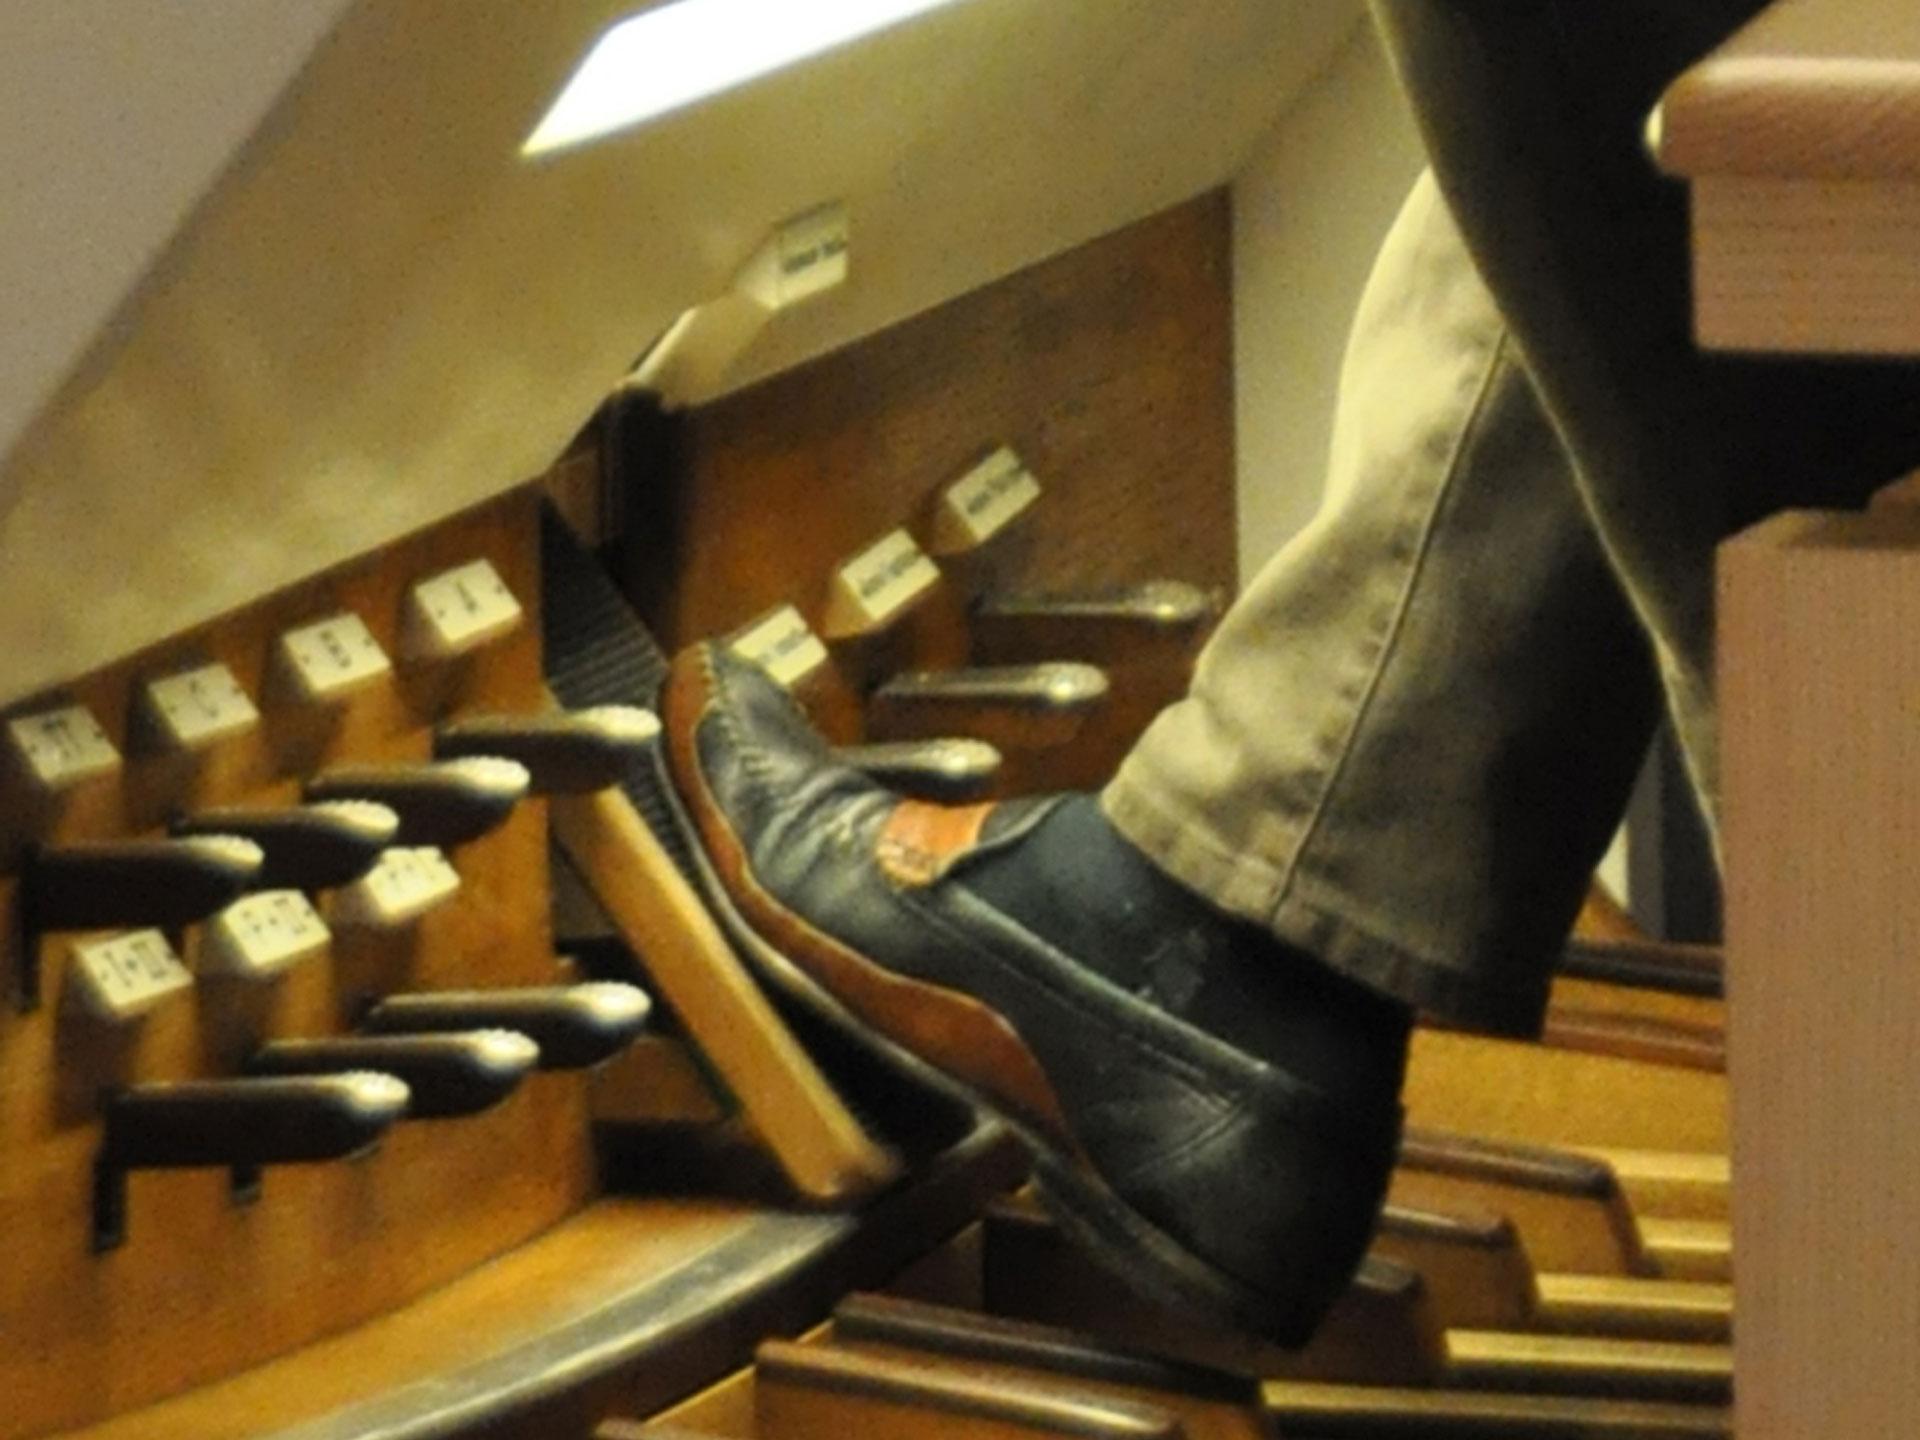 Die Orgel ist das Hauptinstrument in der Kirchenmusik.   © 2012 Marina Greminger